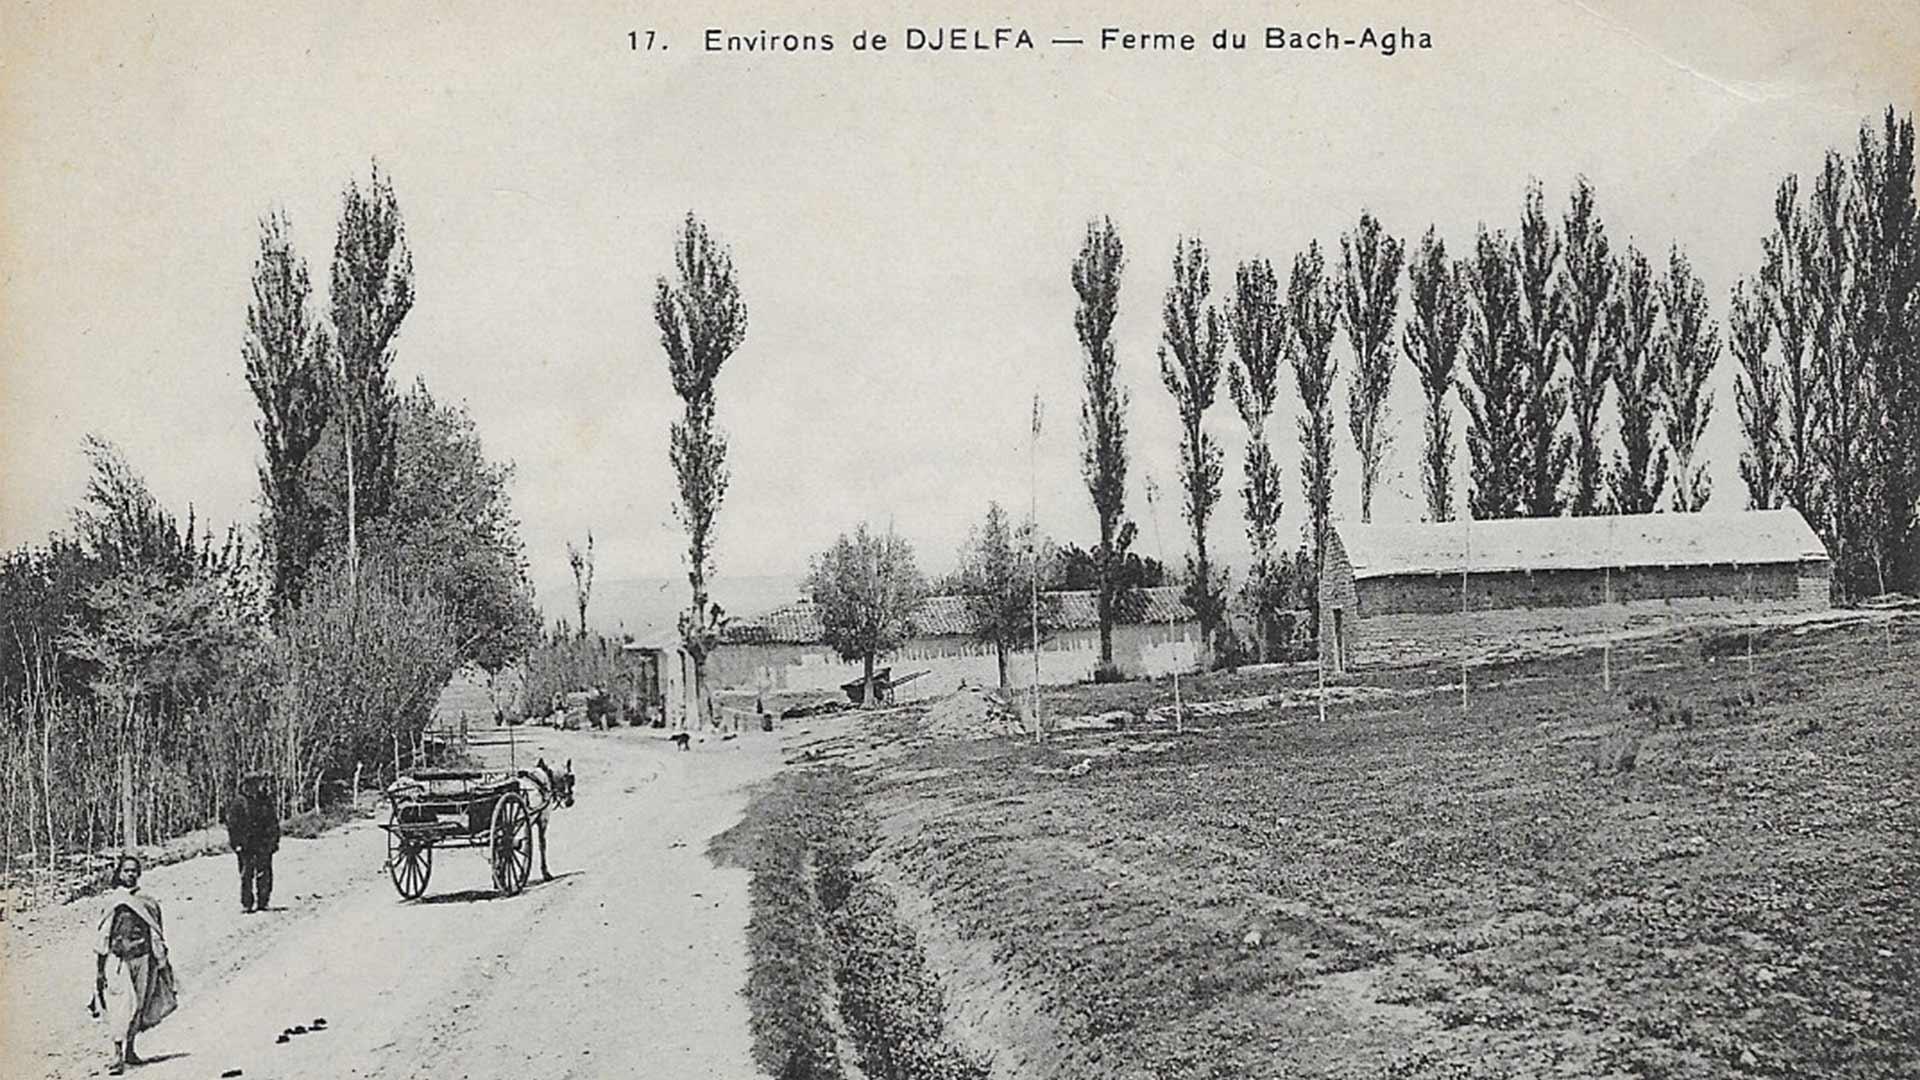 Djelfa-Ferme-Bach-Agha